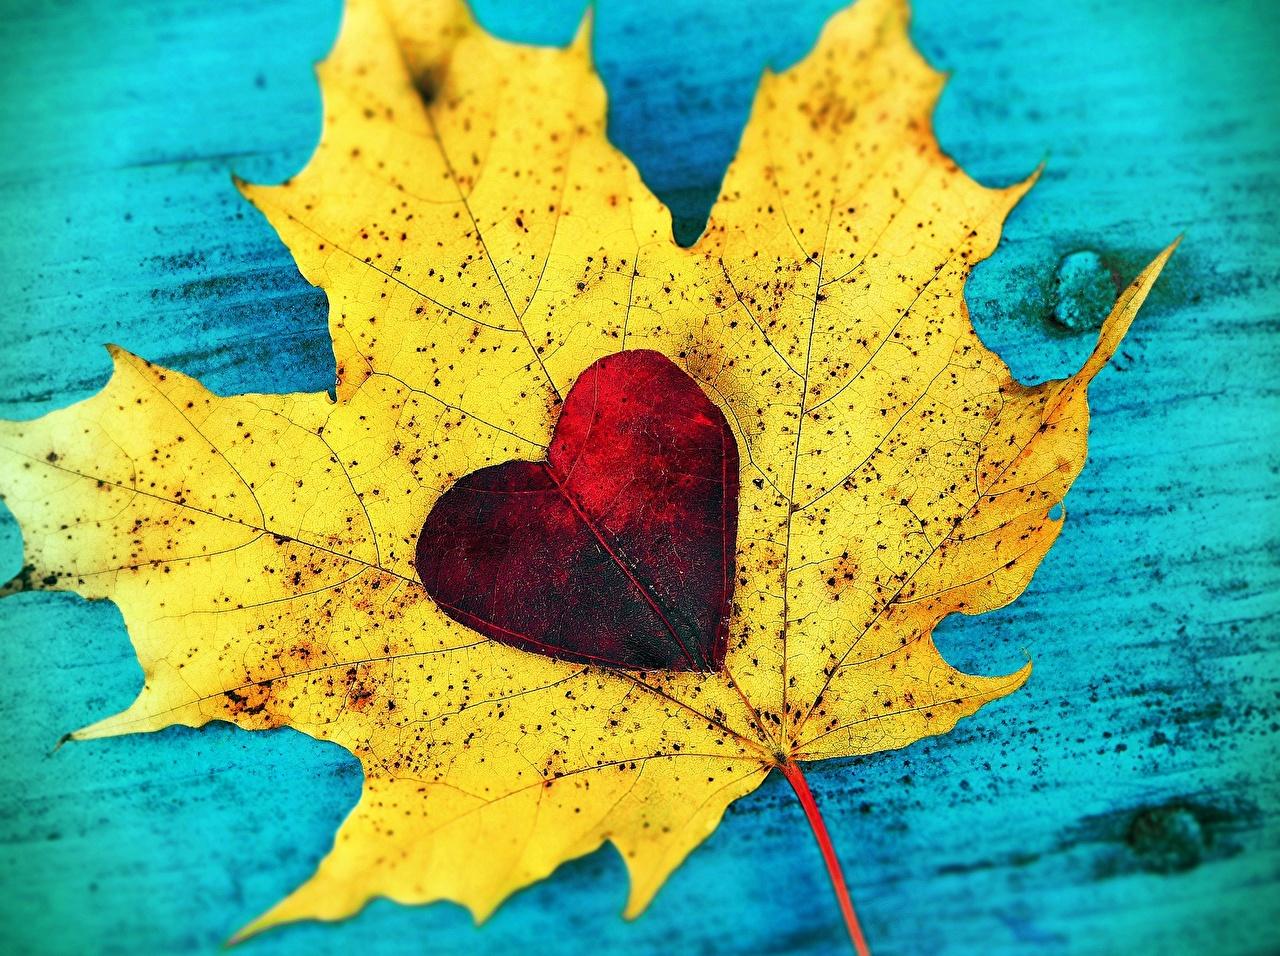 Обои для рабочего стола Листва сердца Клён Осень Природа вблизи лист Листья серце Сердце сердечко клёна клёновый осенние Крупным планом